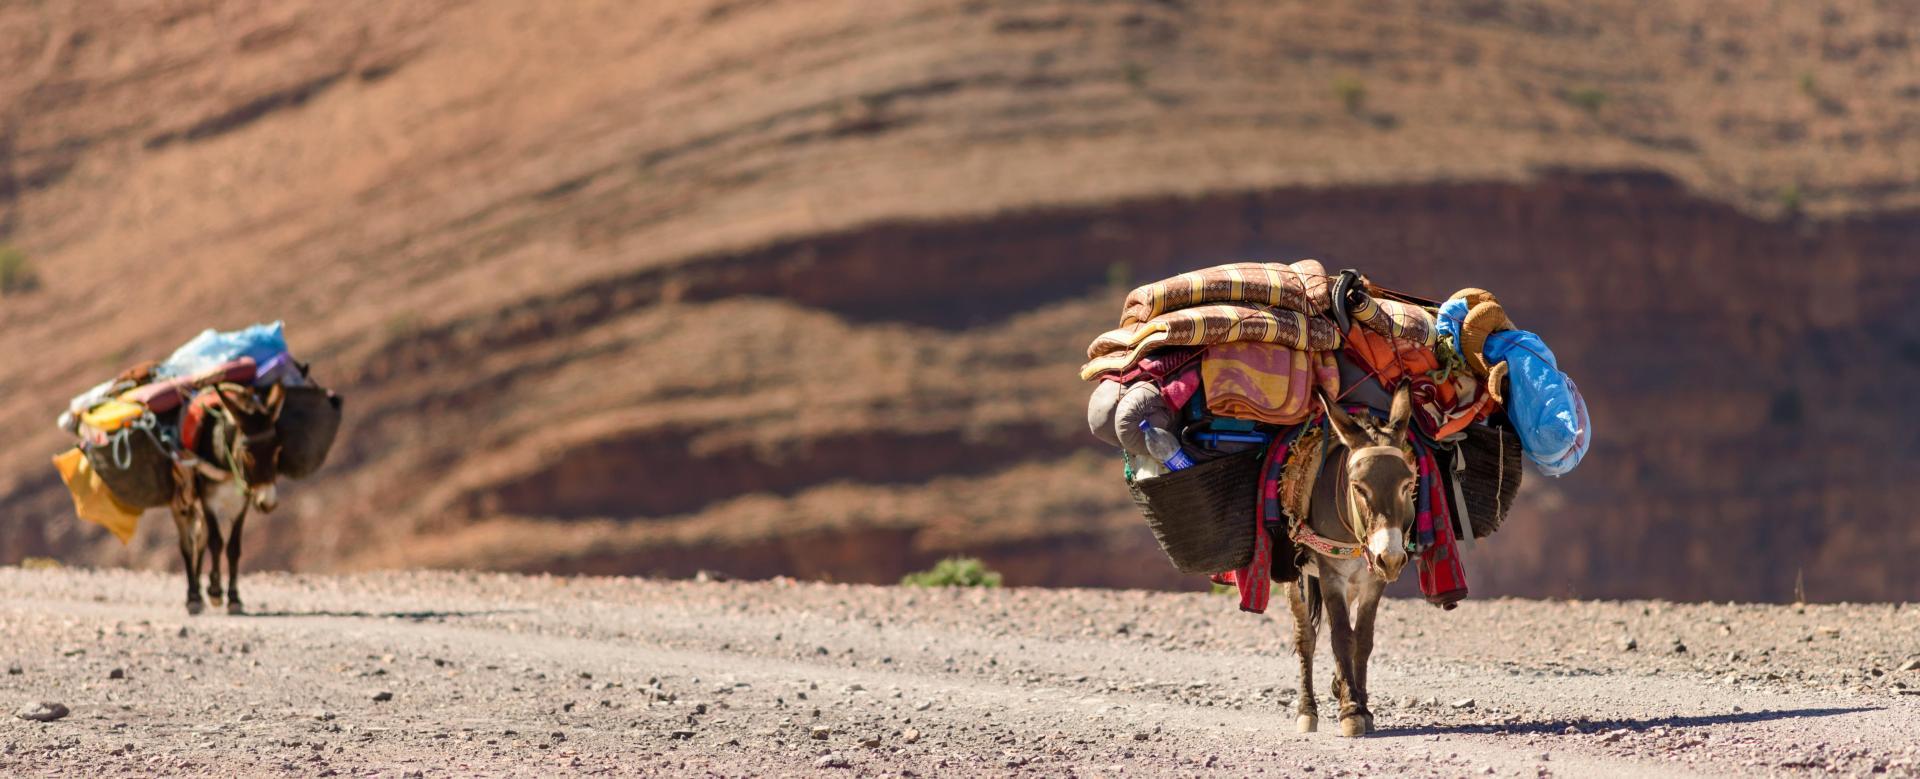 Voyage à pied Maroc : Au toubkal